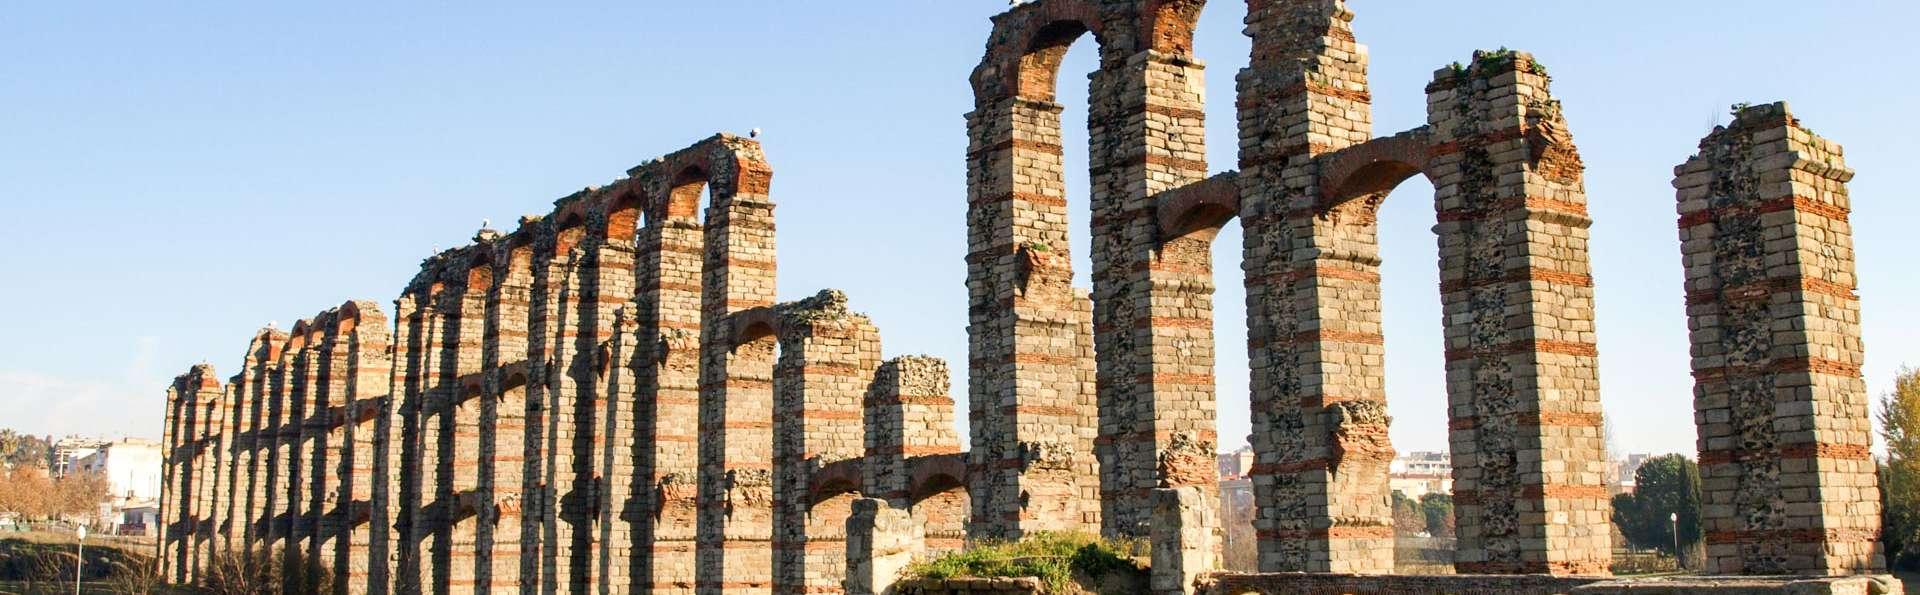 Escapada a dos pasos del Teatro Romano de Mérida con visita guiada por la ciudad